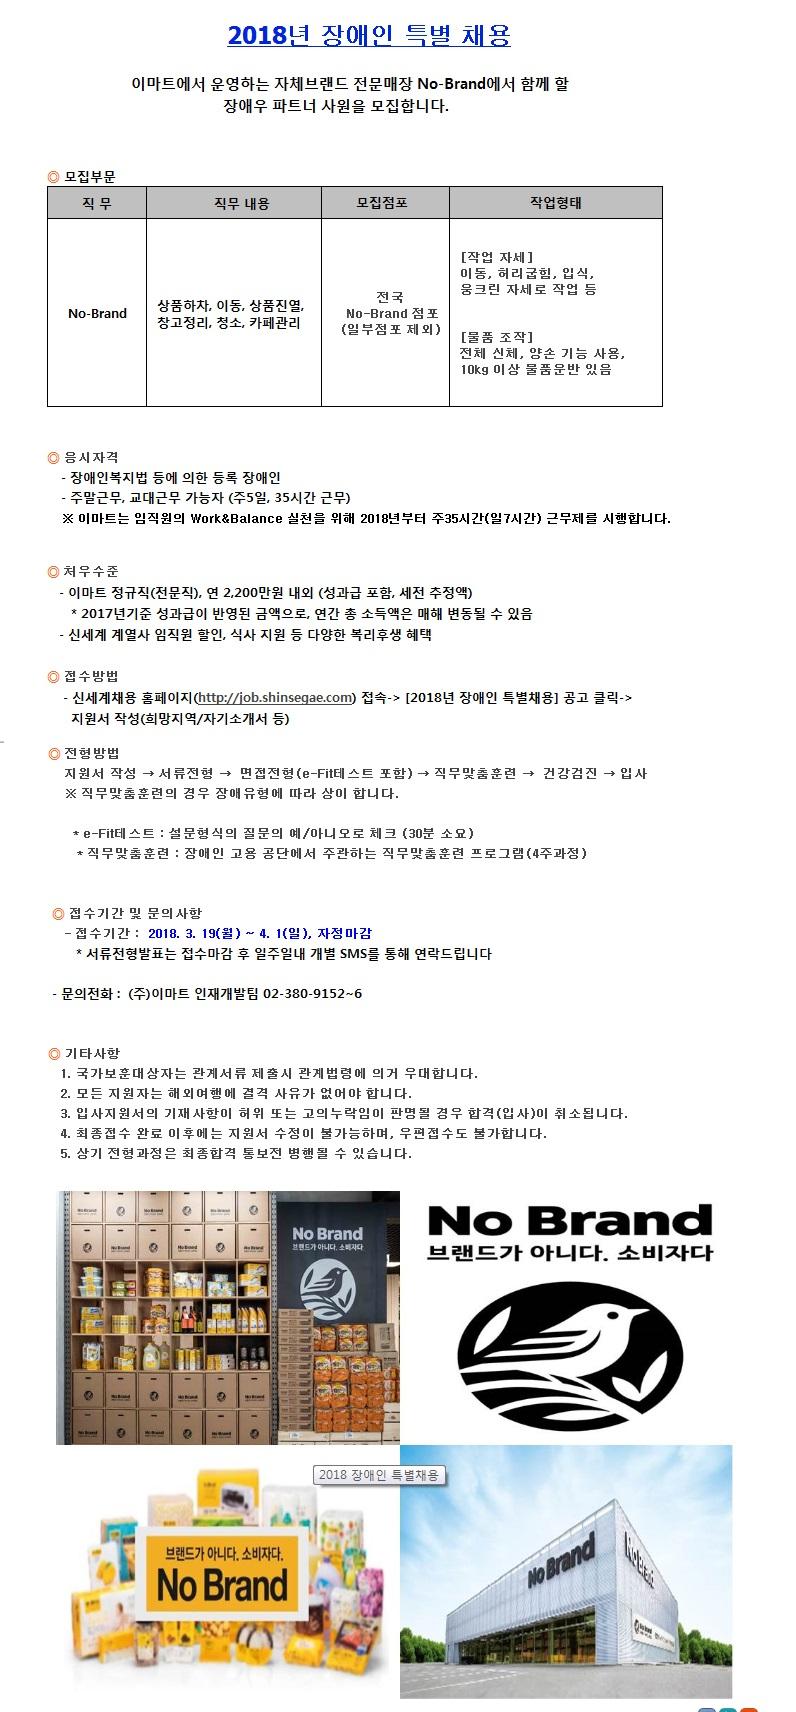 [모집채용]18년 3월 ㈜이마트 No-Brand 장애인 특별채용 안내